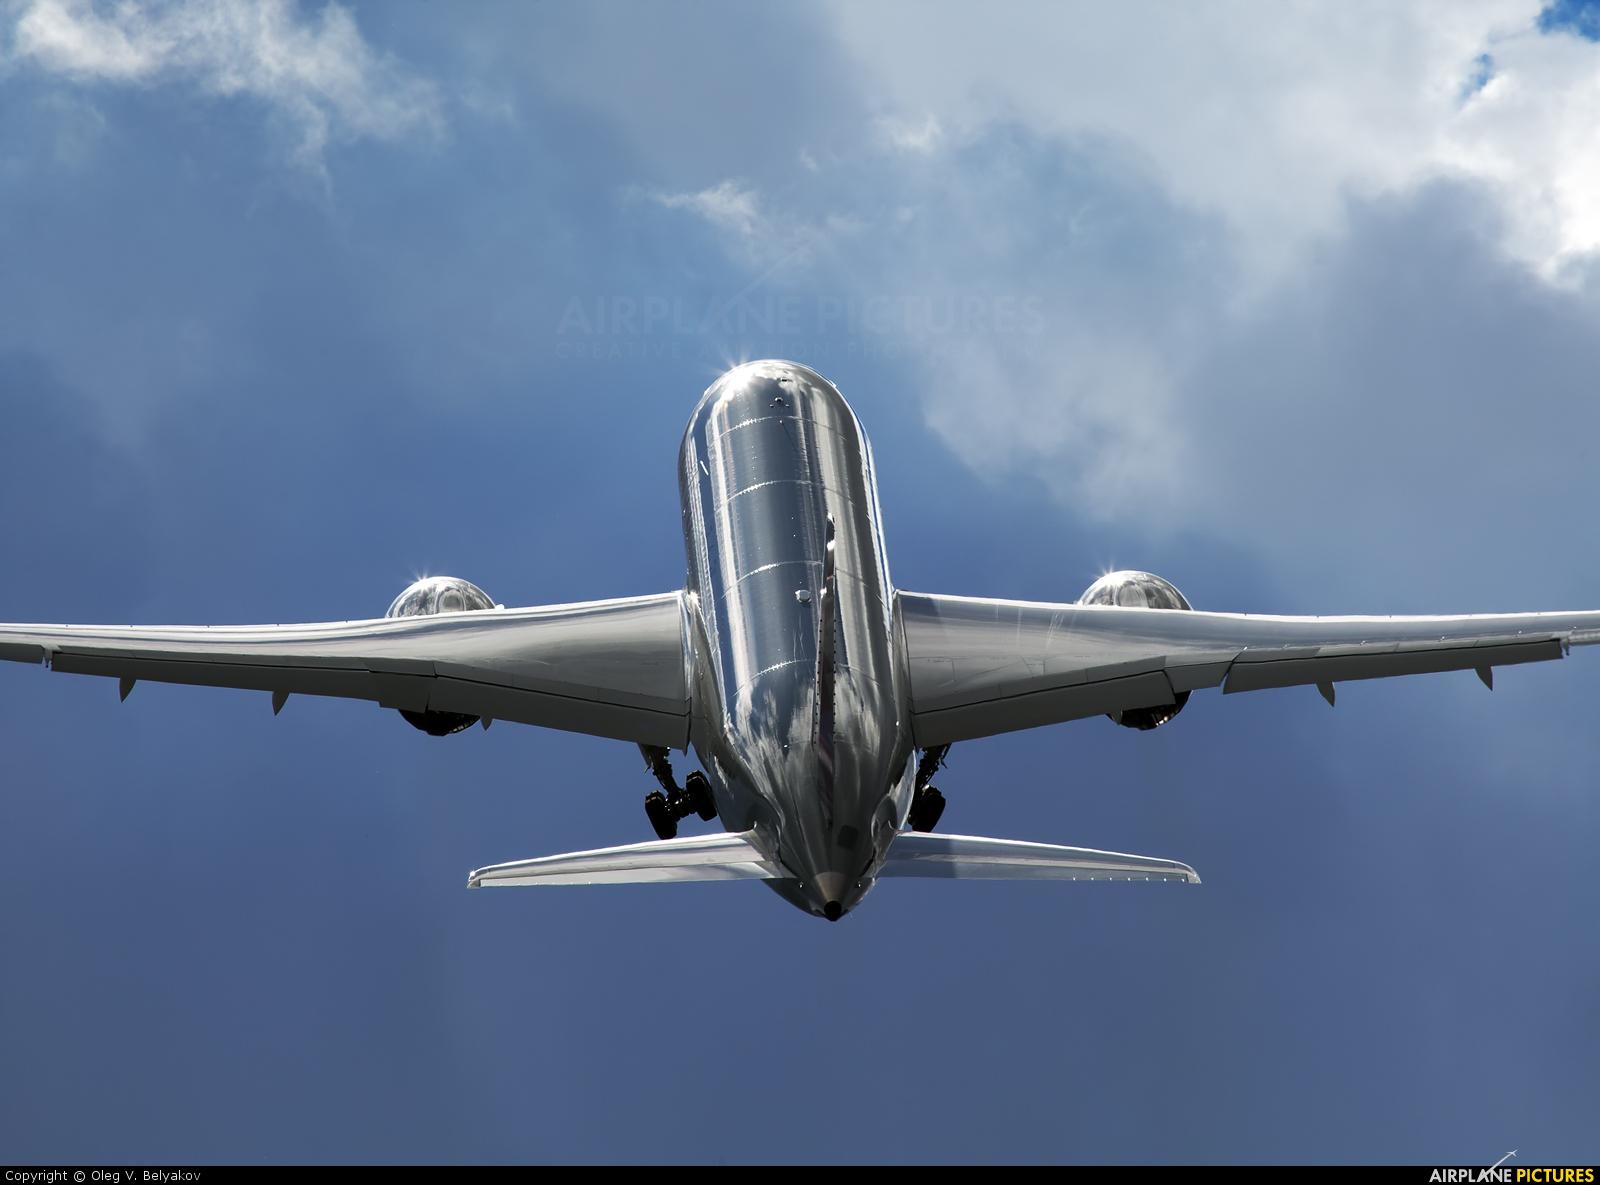 Qatar Airways N10187 aircraft at Farnborough